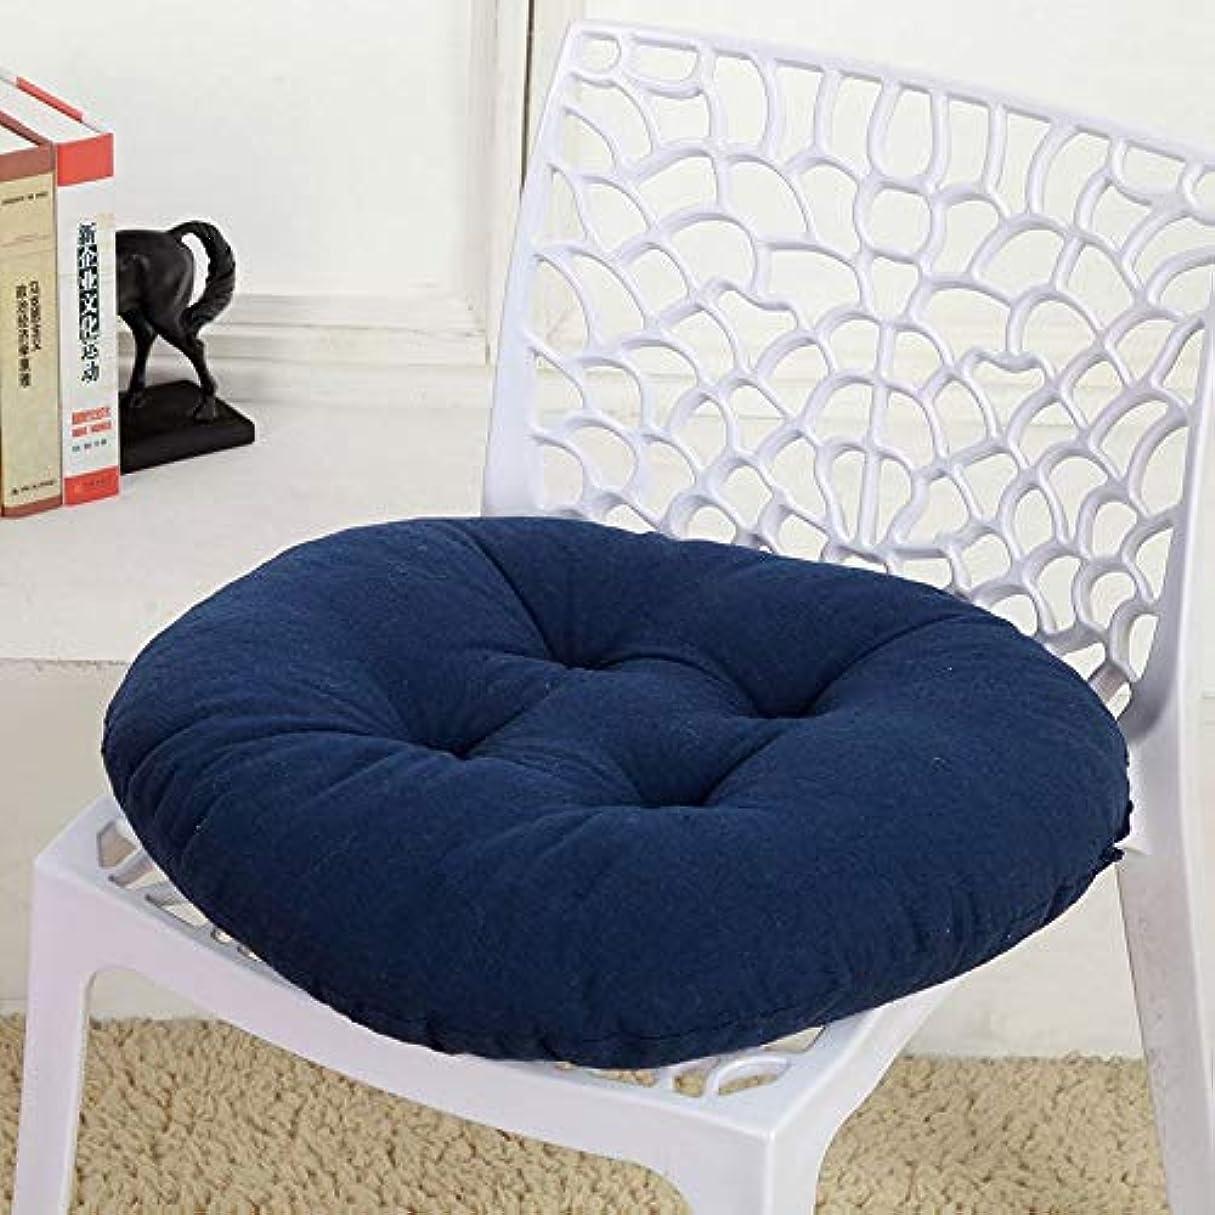 トラフィック居住者テントLIFE キャンディカラーのクッションラウンドシートクッション波ウィンドウシートクッションクッション家の装飾パッドラウンド枕シート枕椅子座る枕 クッション 椅子